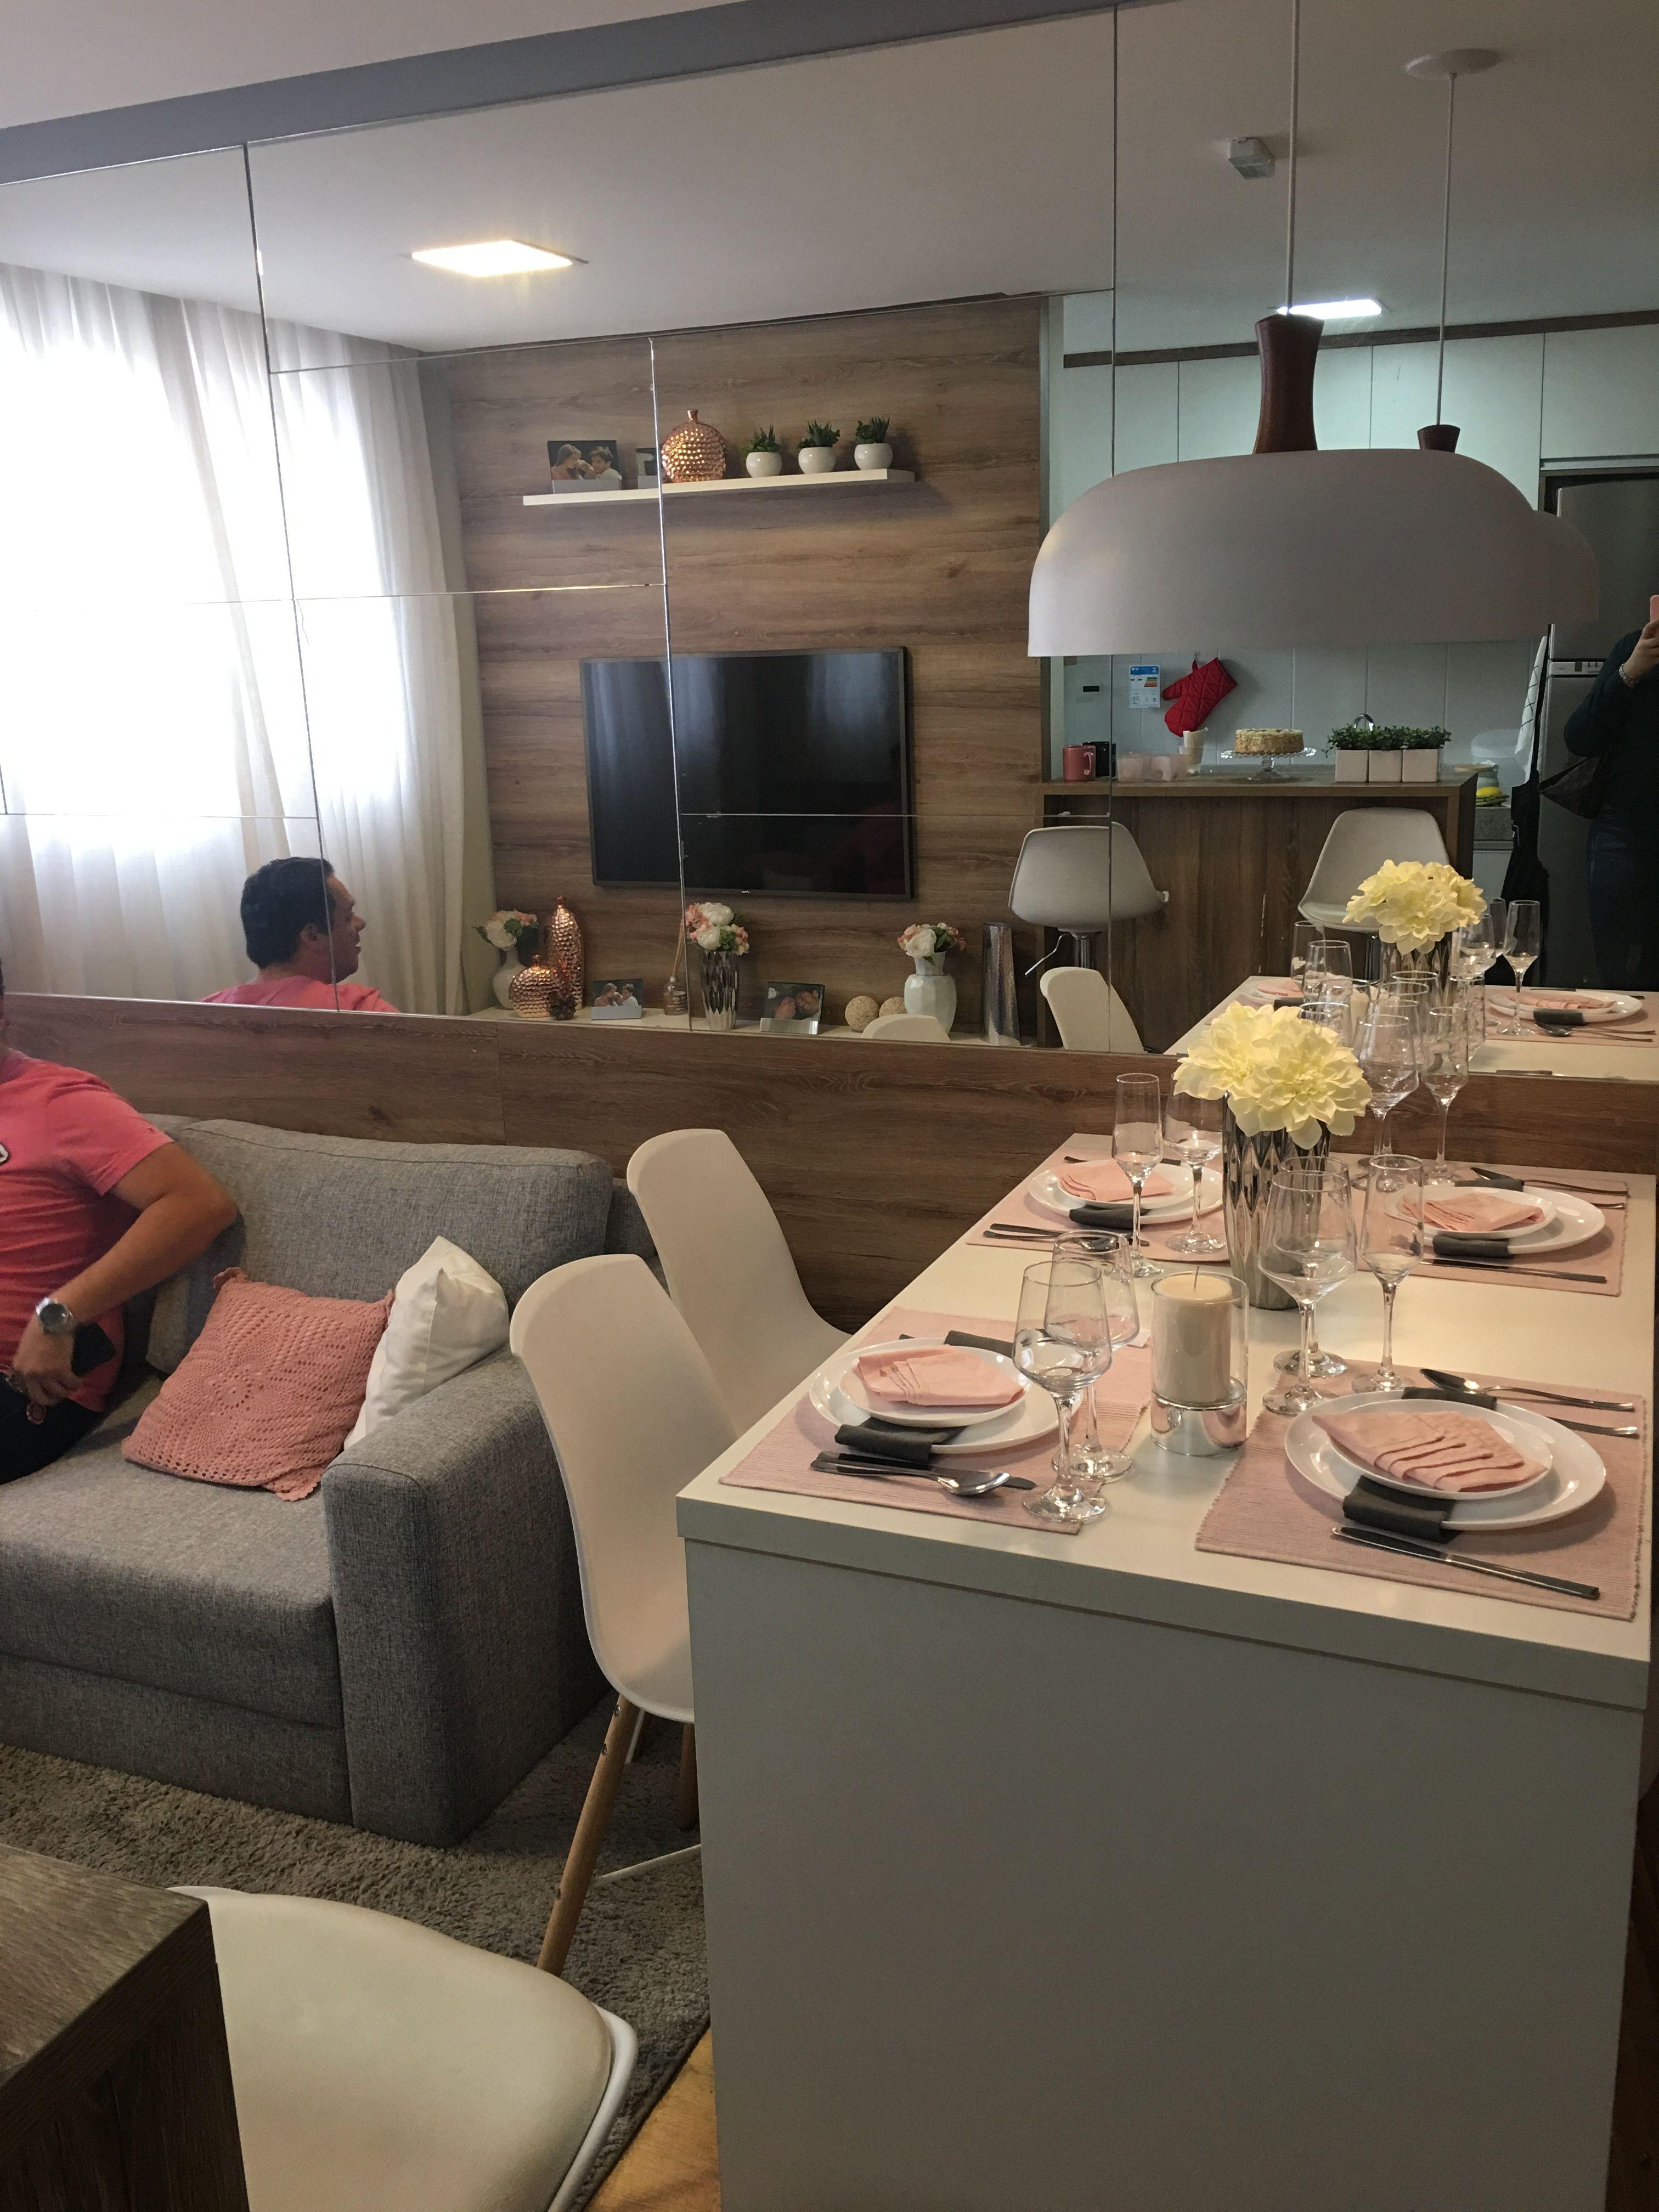 Favoriten, Einrichtung, Kleine Wohnungen, Hauspläne, Dachboden, Küchen  Frühstücksbar, Schlafzimmer Ideen, Diy Ideen Für Die Wohnung, Kleine Küchen